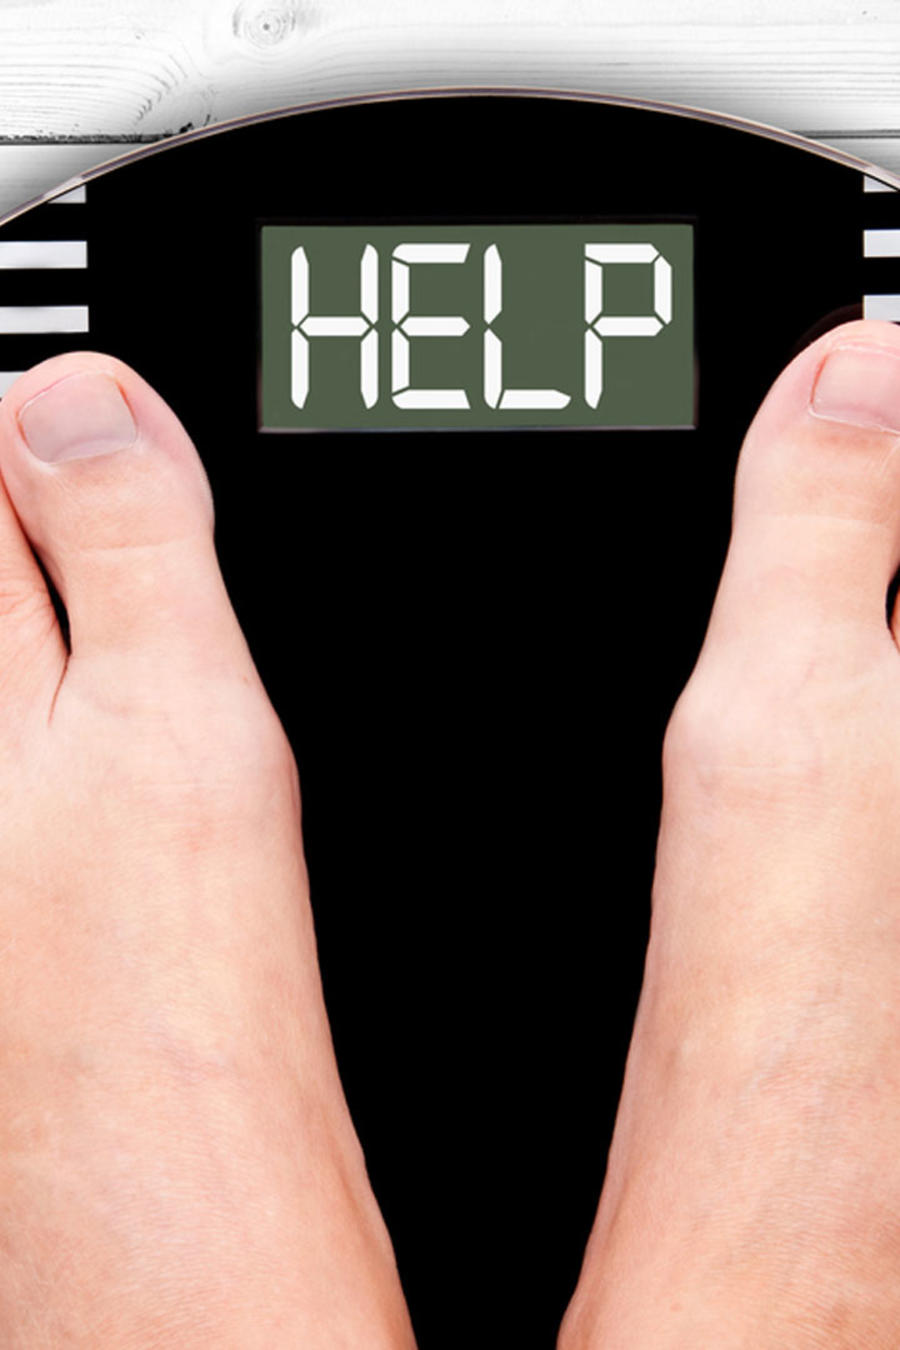 """Pies sobre balanza que indica la palabra """"Help"""""""